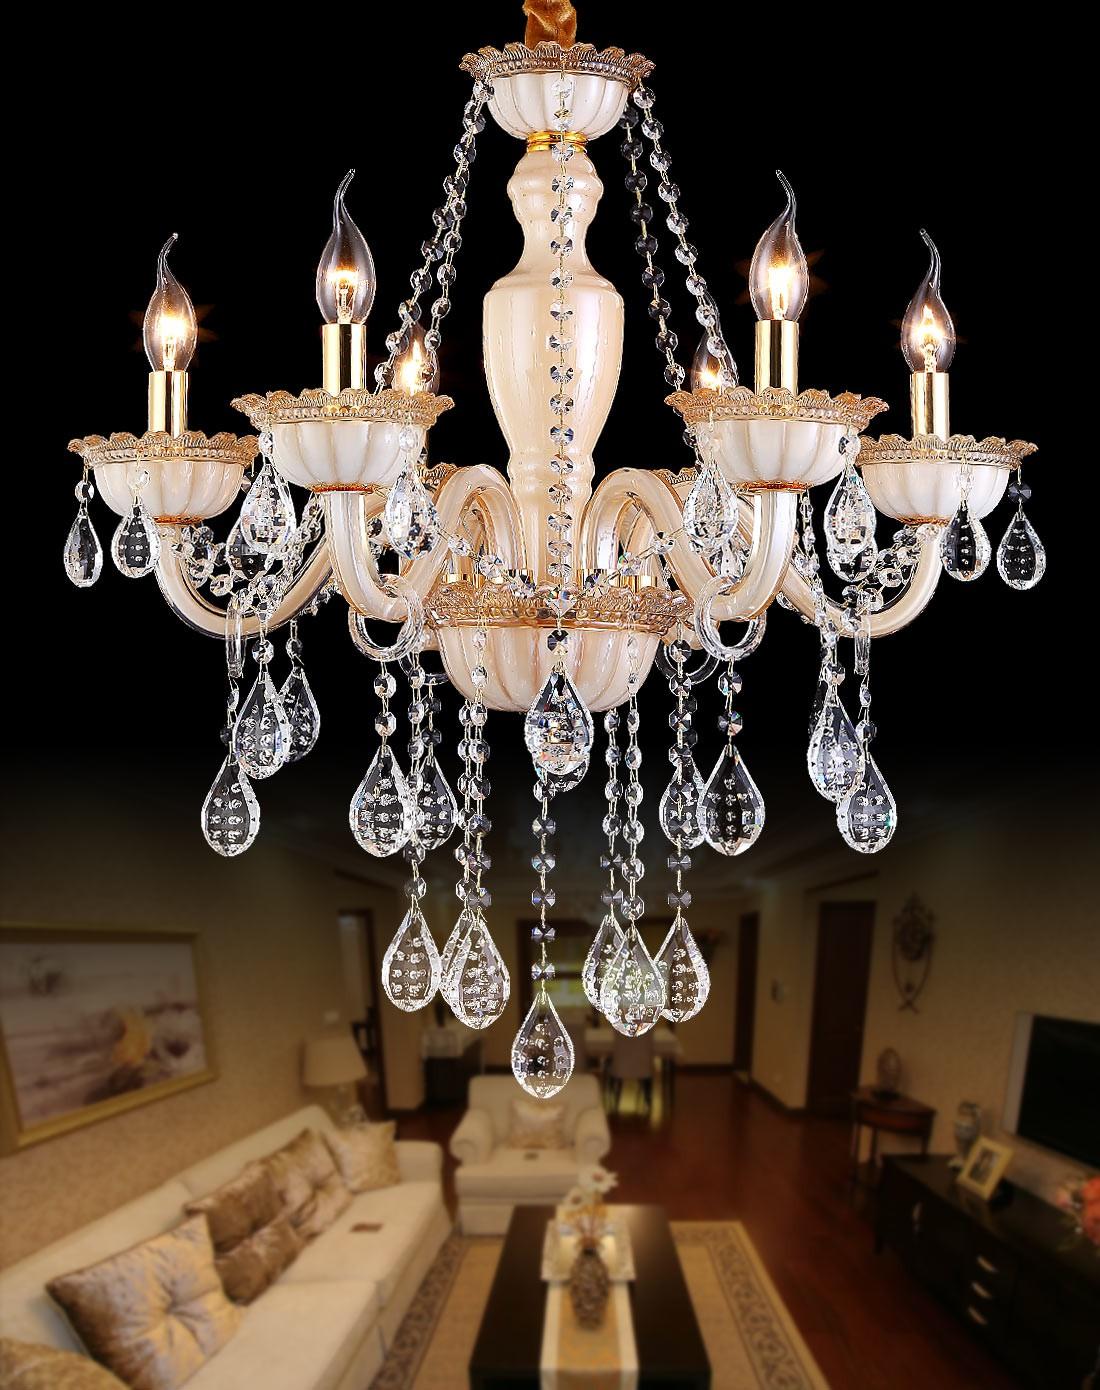 欧式客厅卧室艺术水晶吊灯 6头